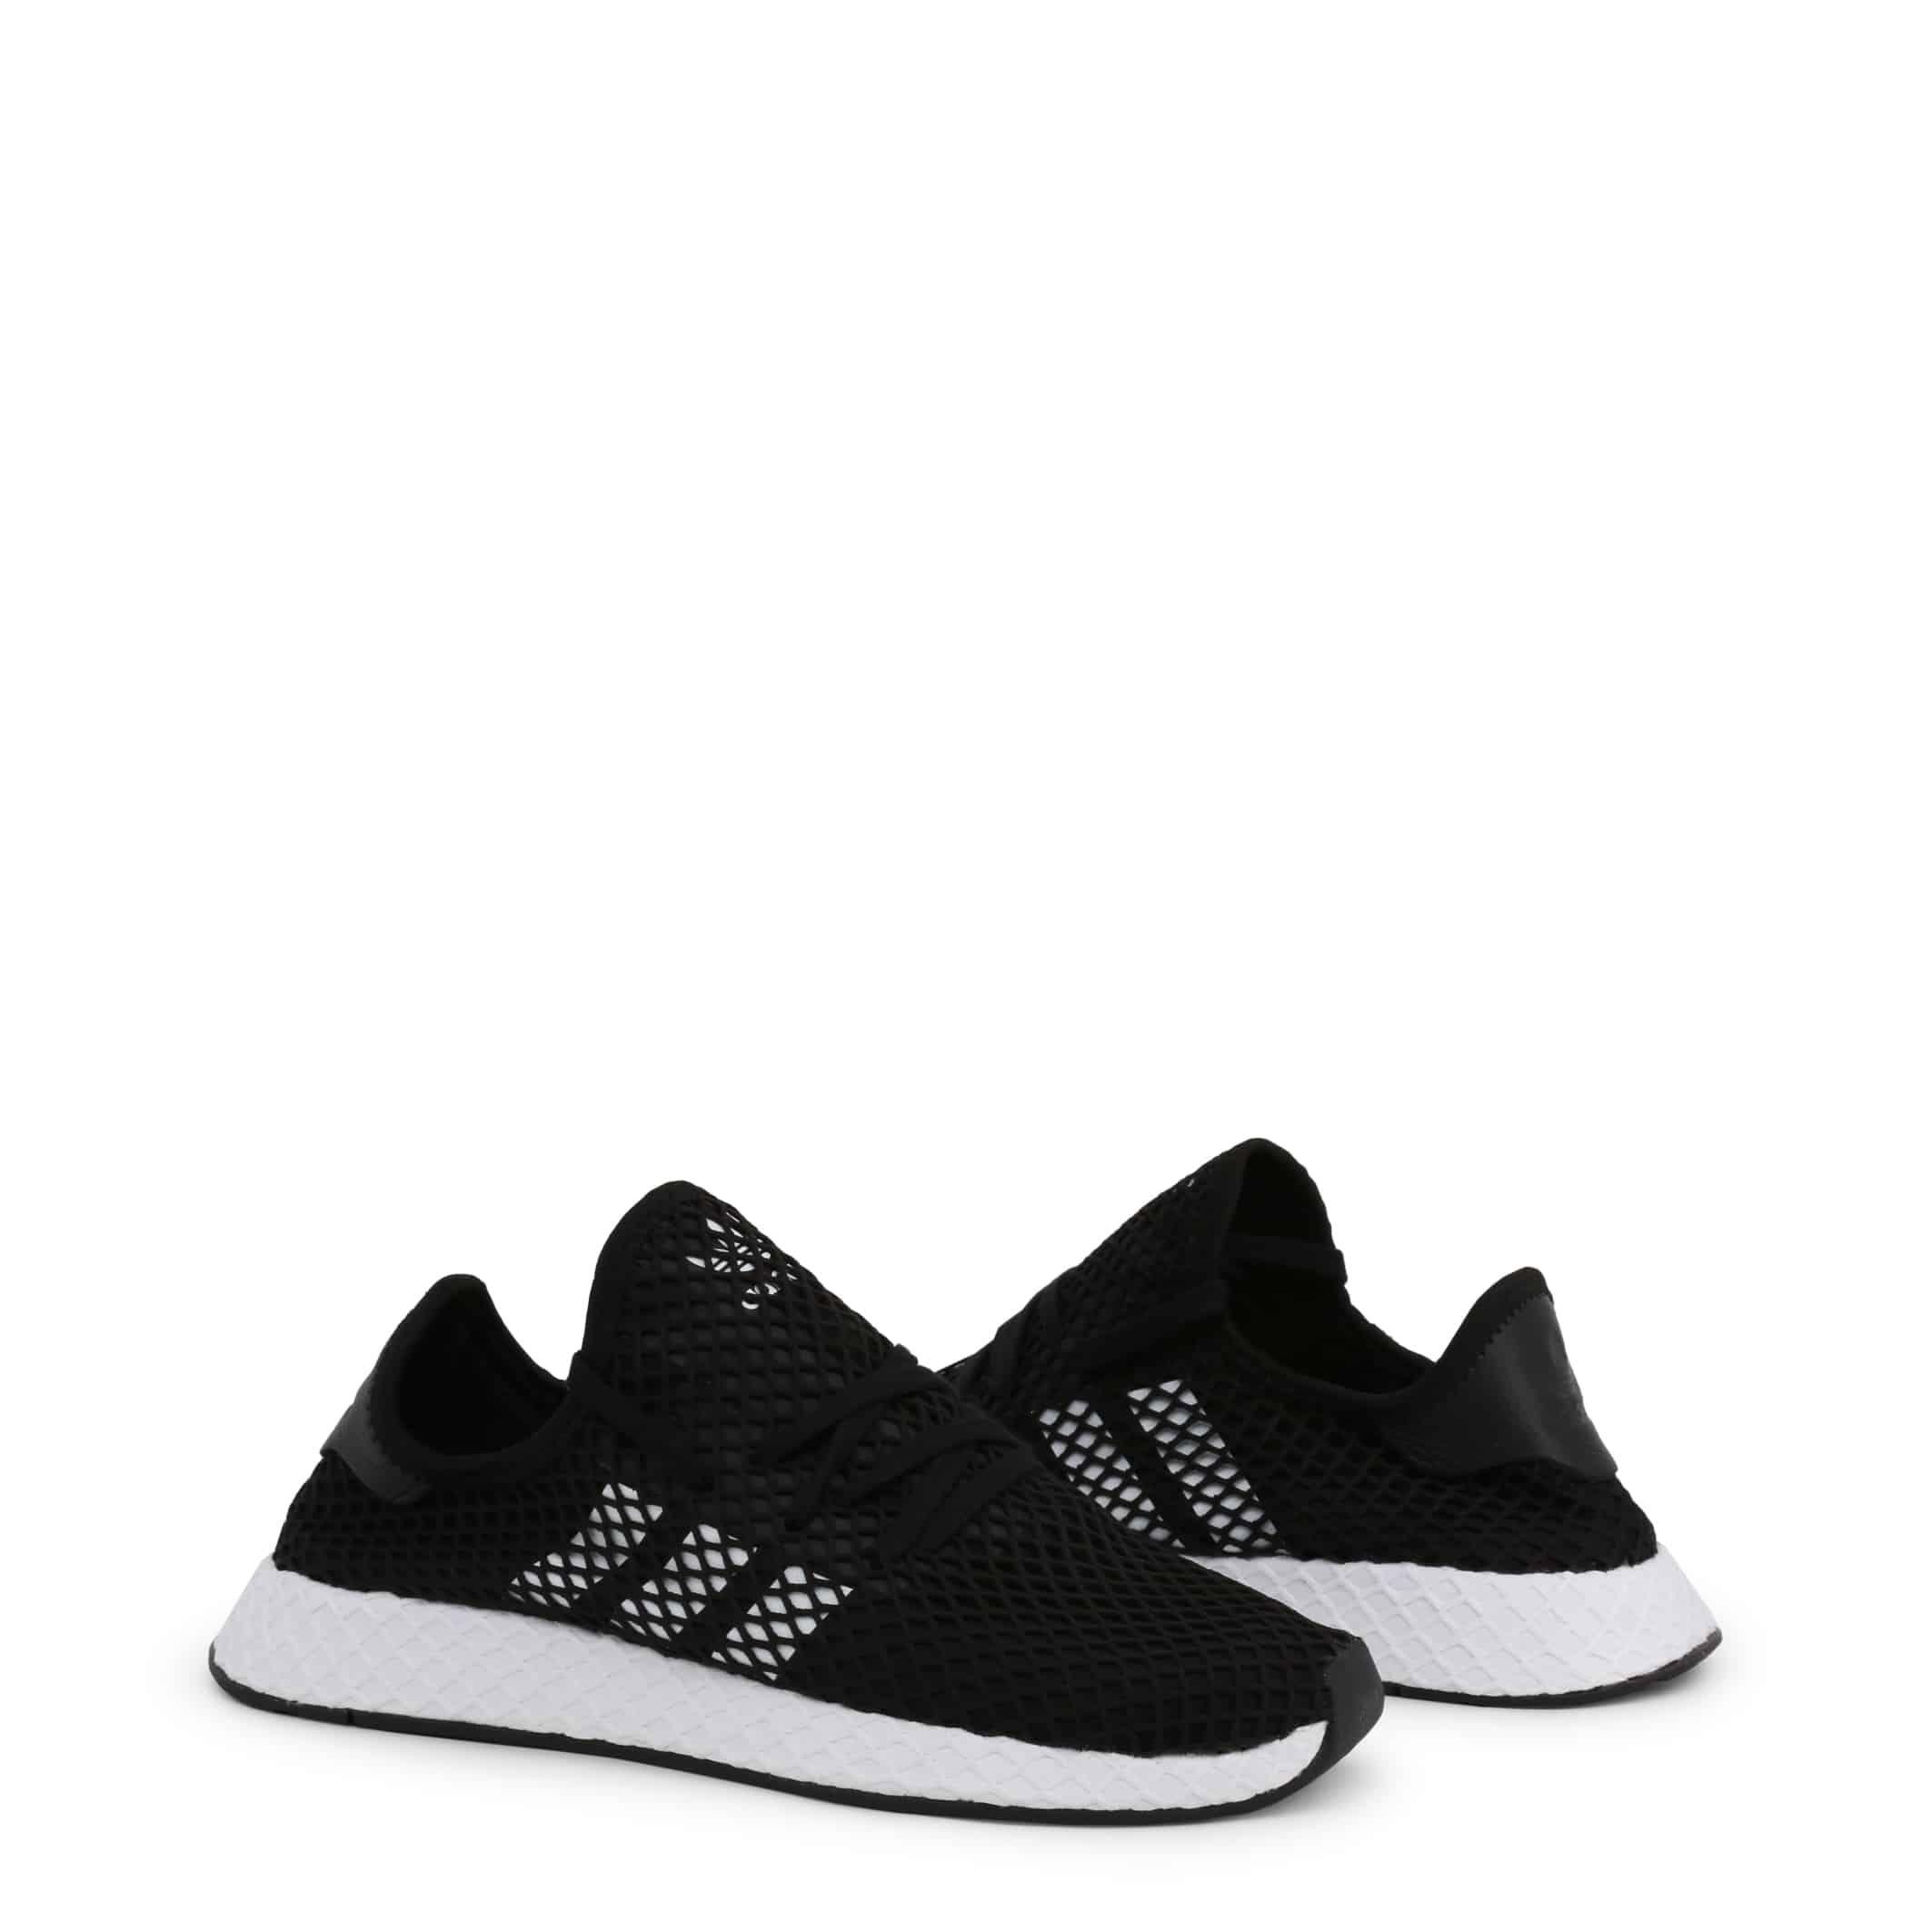 Adidas – Deerupt-runner – Nero